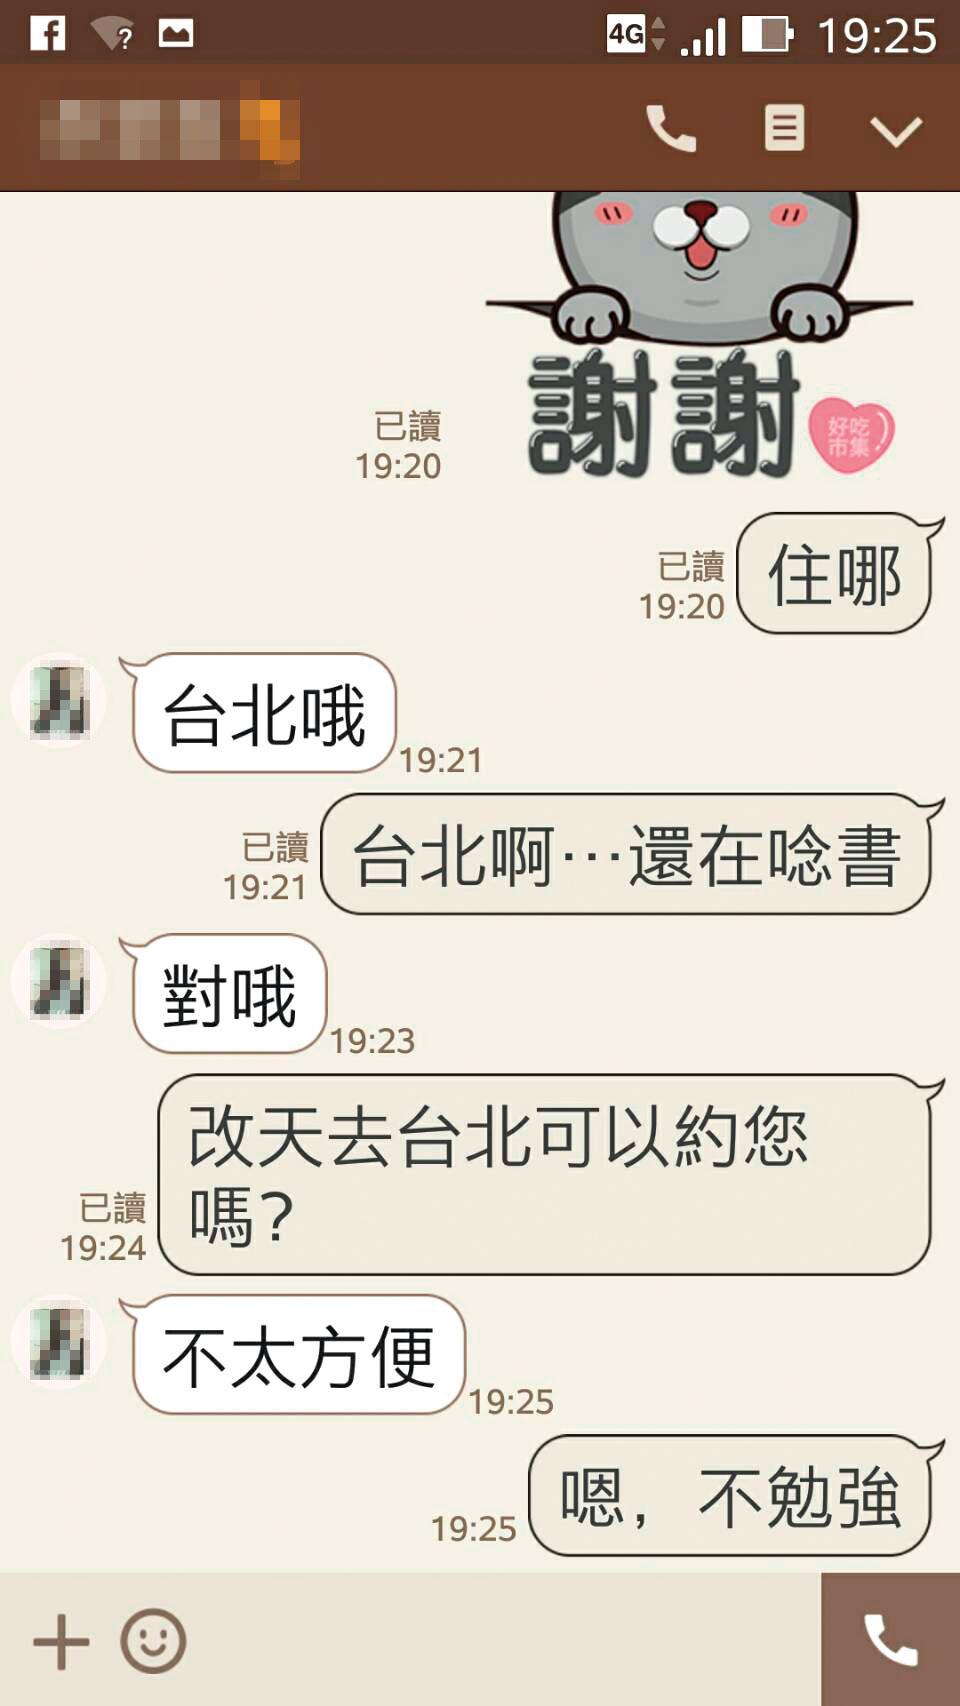 住在台北、還在念書的蛋蛋,對於見面交友,直接表明「不太方便」。